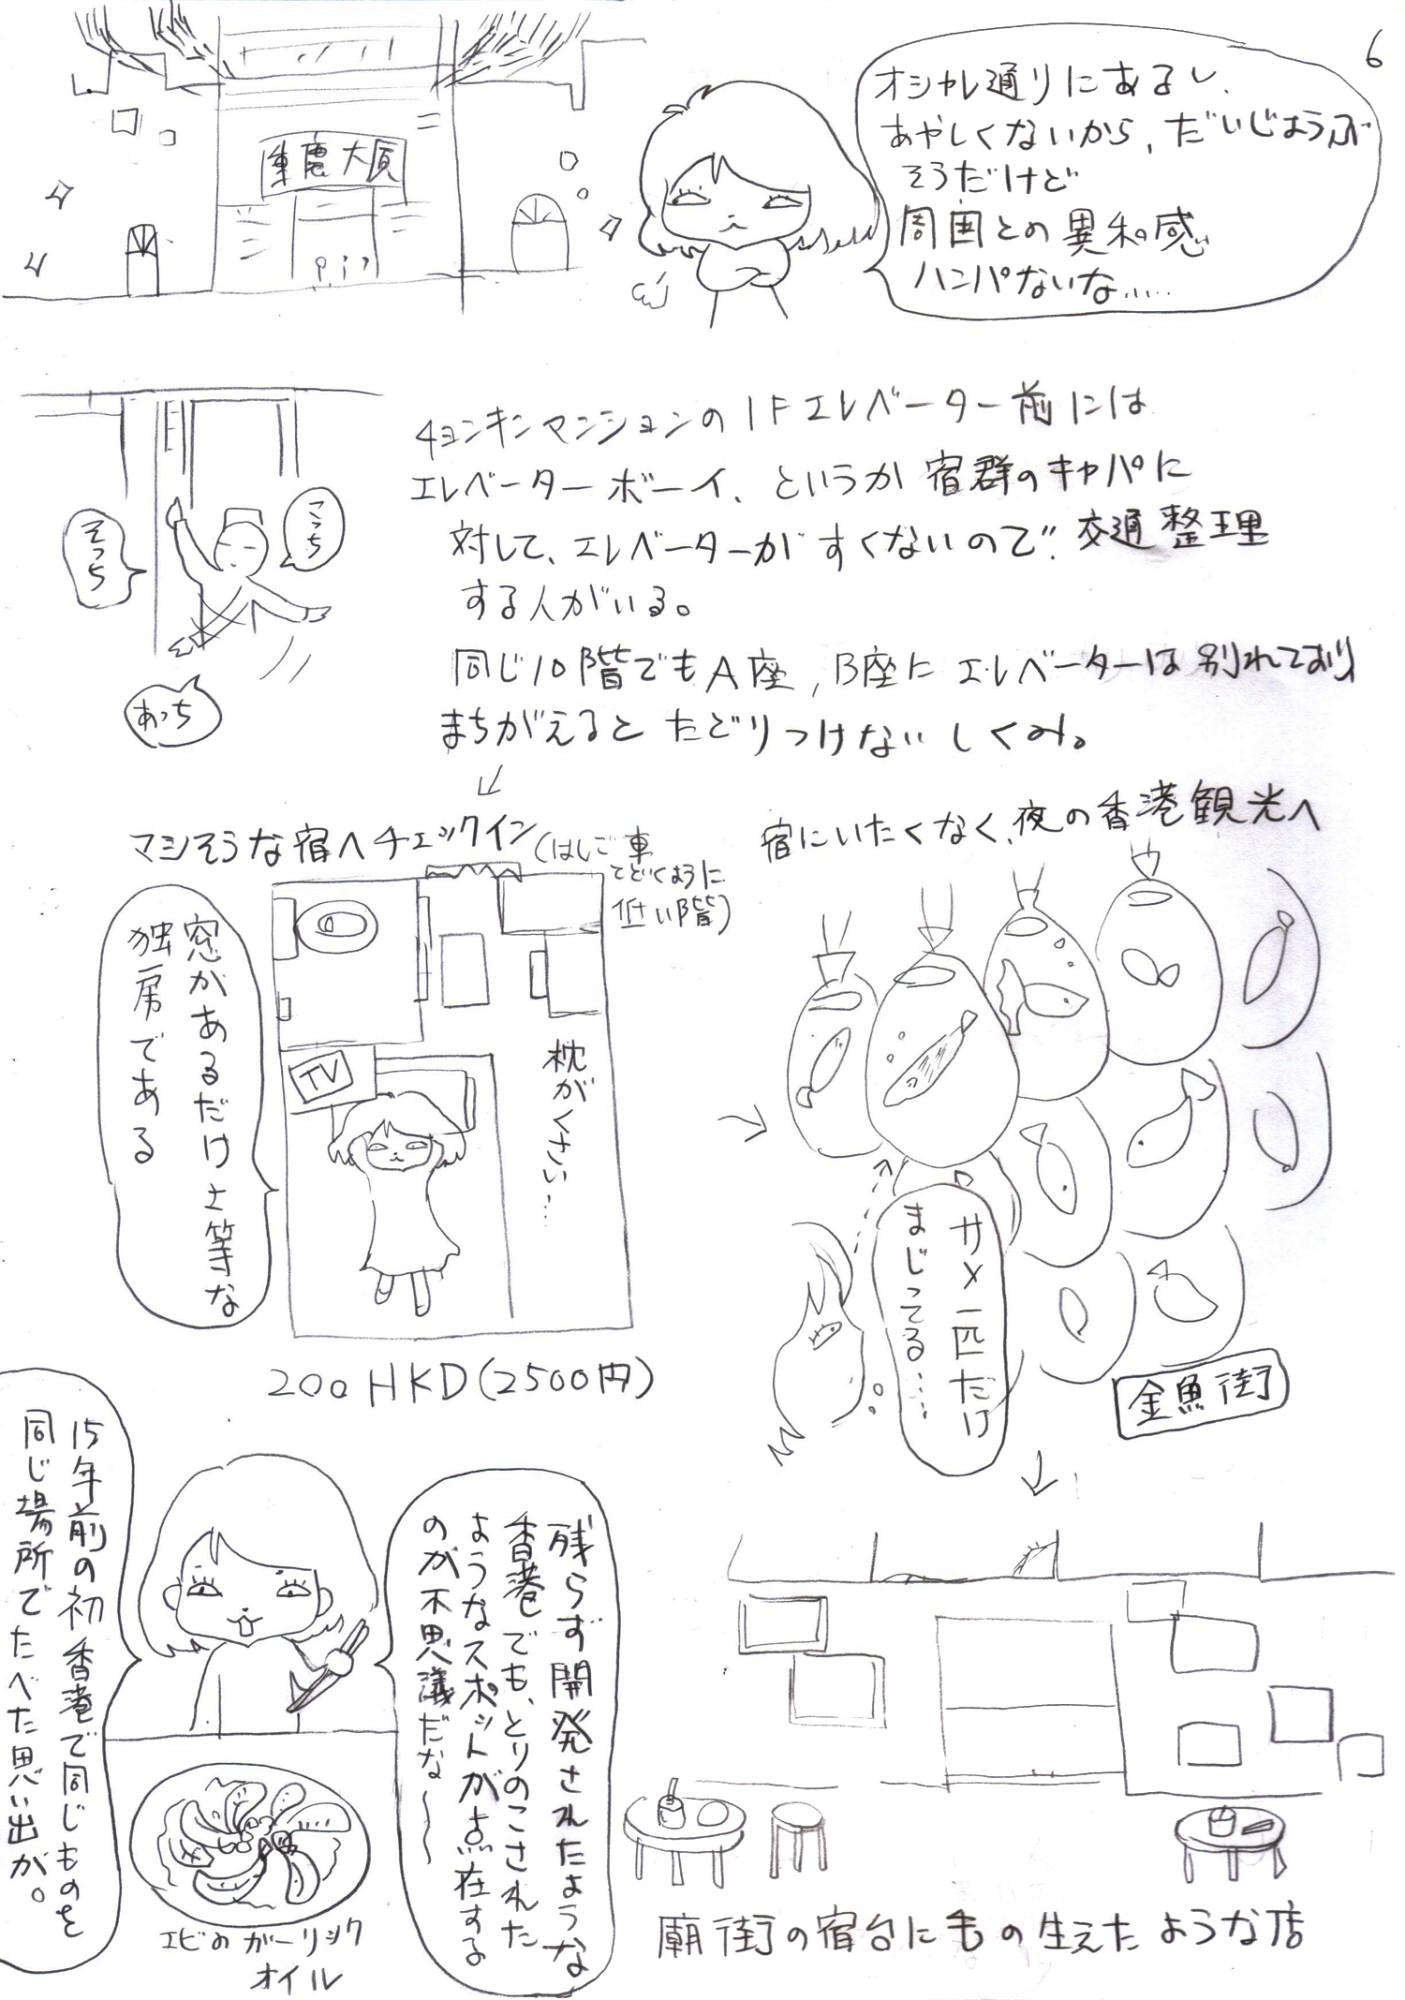 イメージ (84)